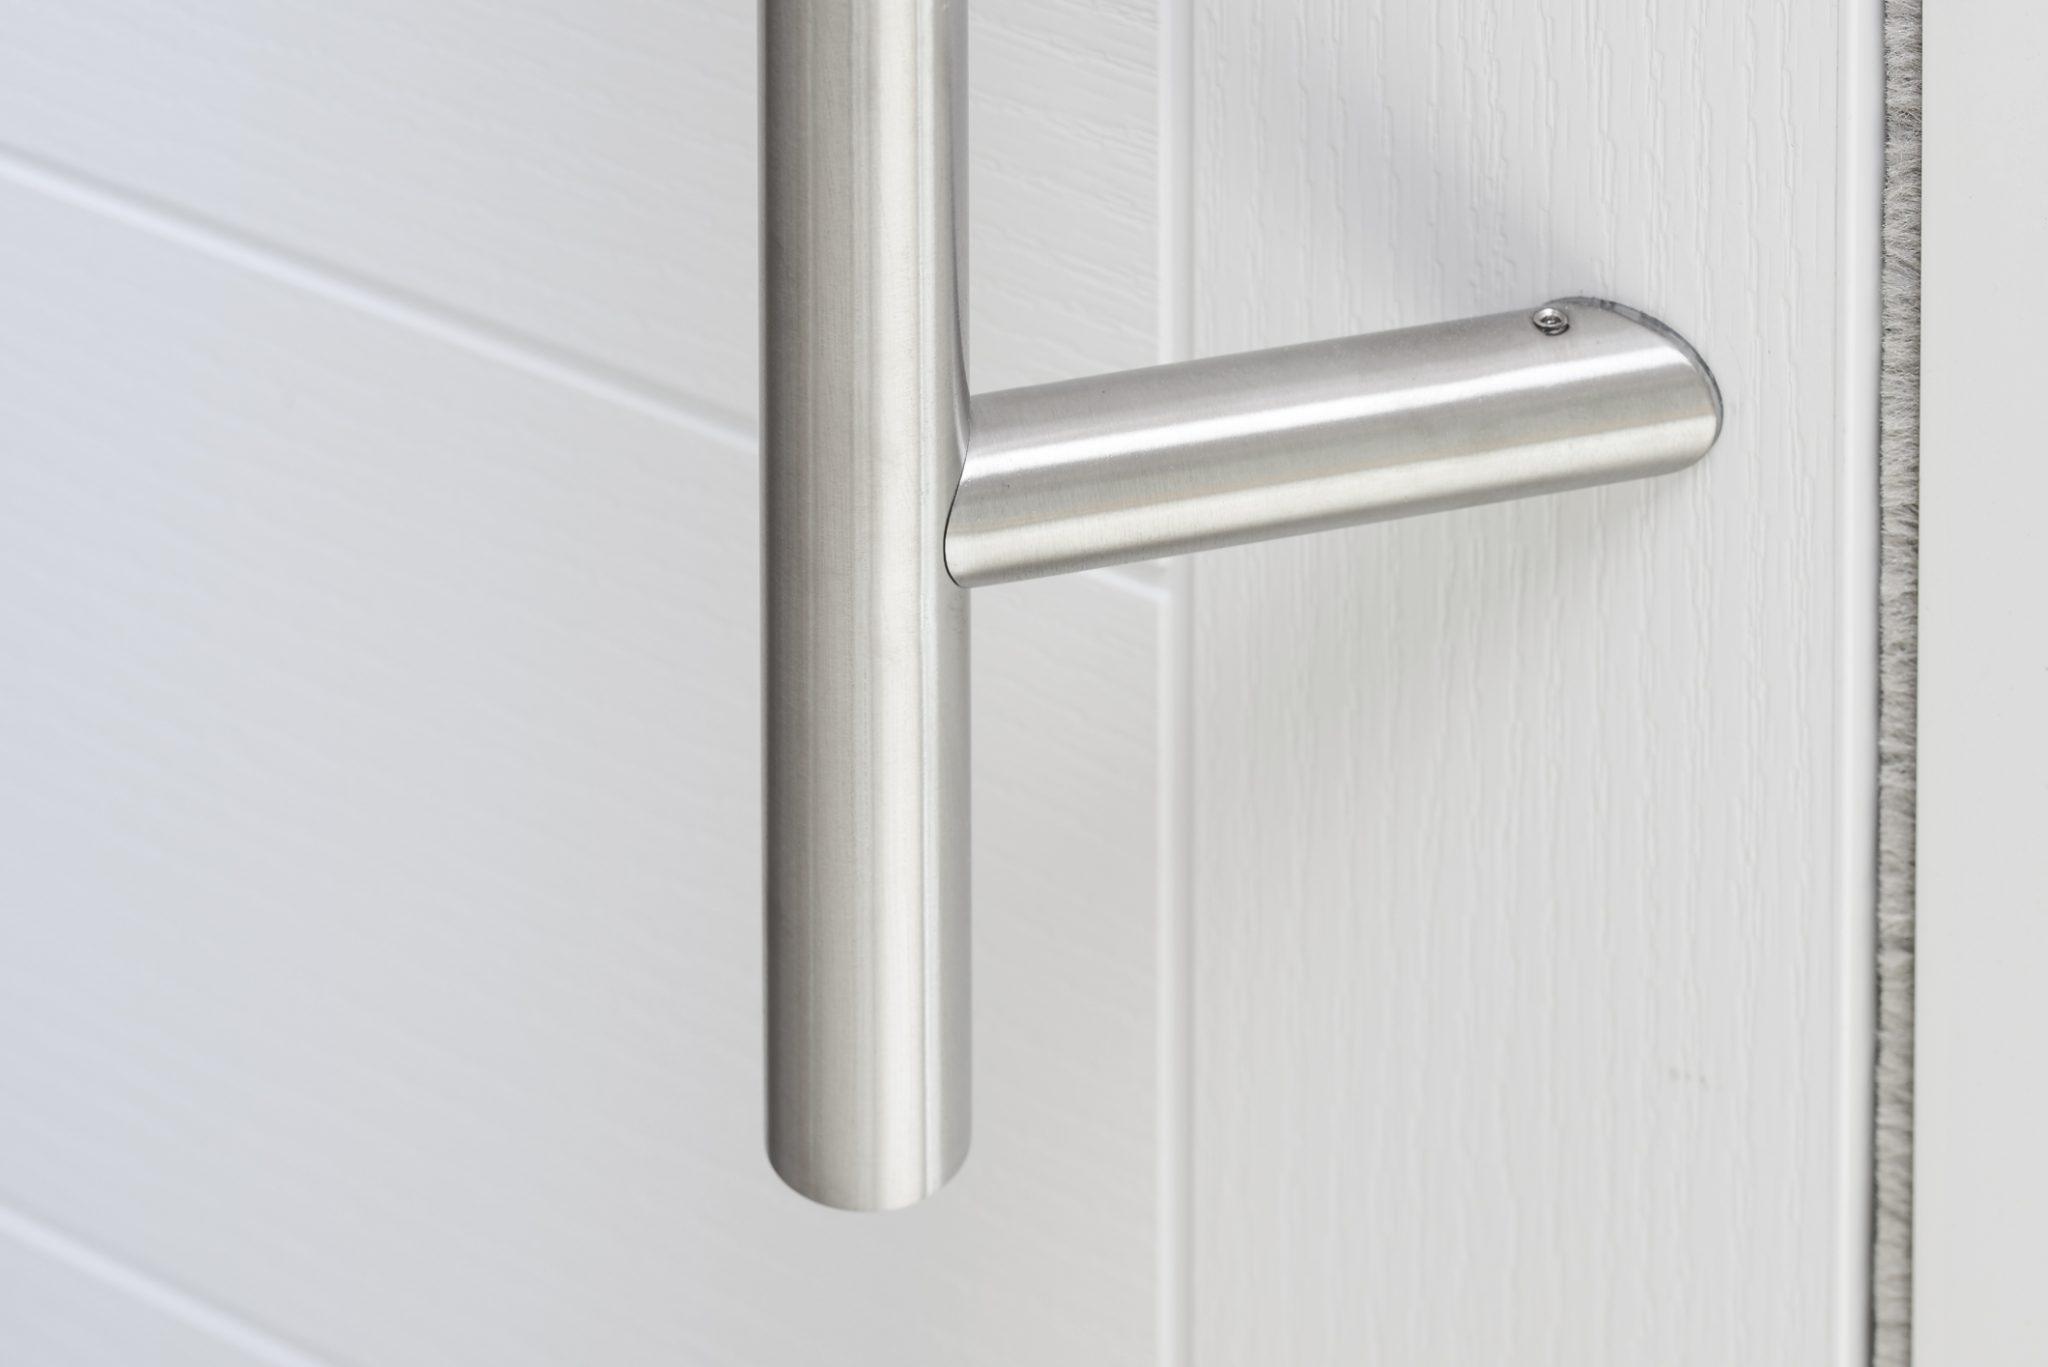 inside door. Off Set 1600mm Contemporary Stainless Steel Door Pull Handle. Inside